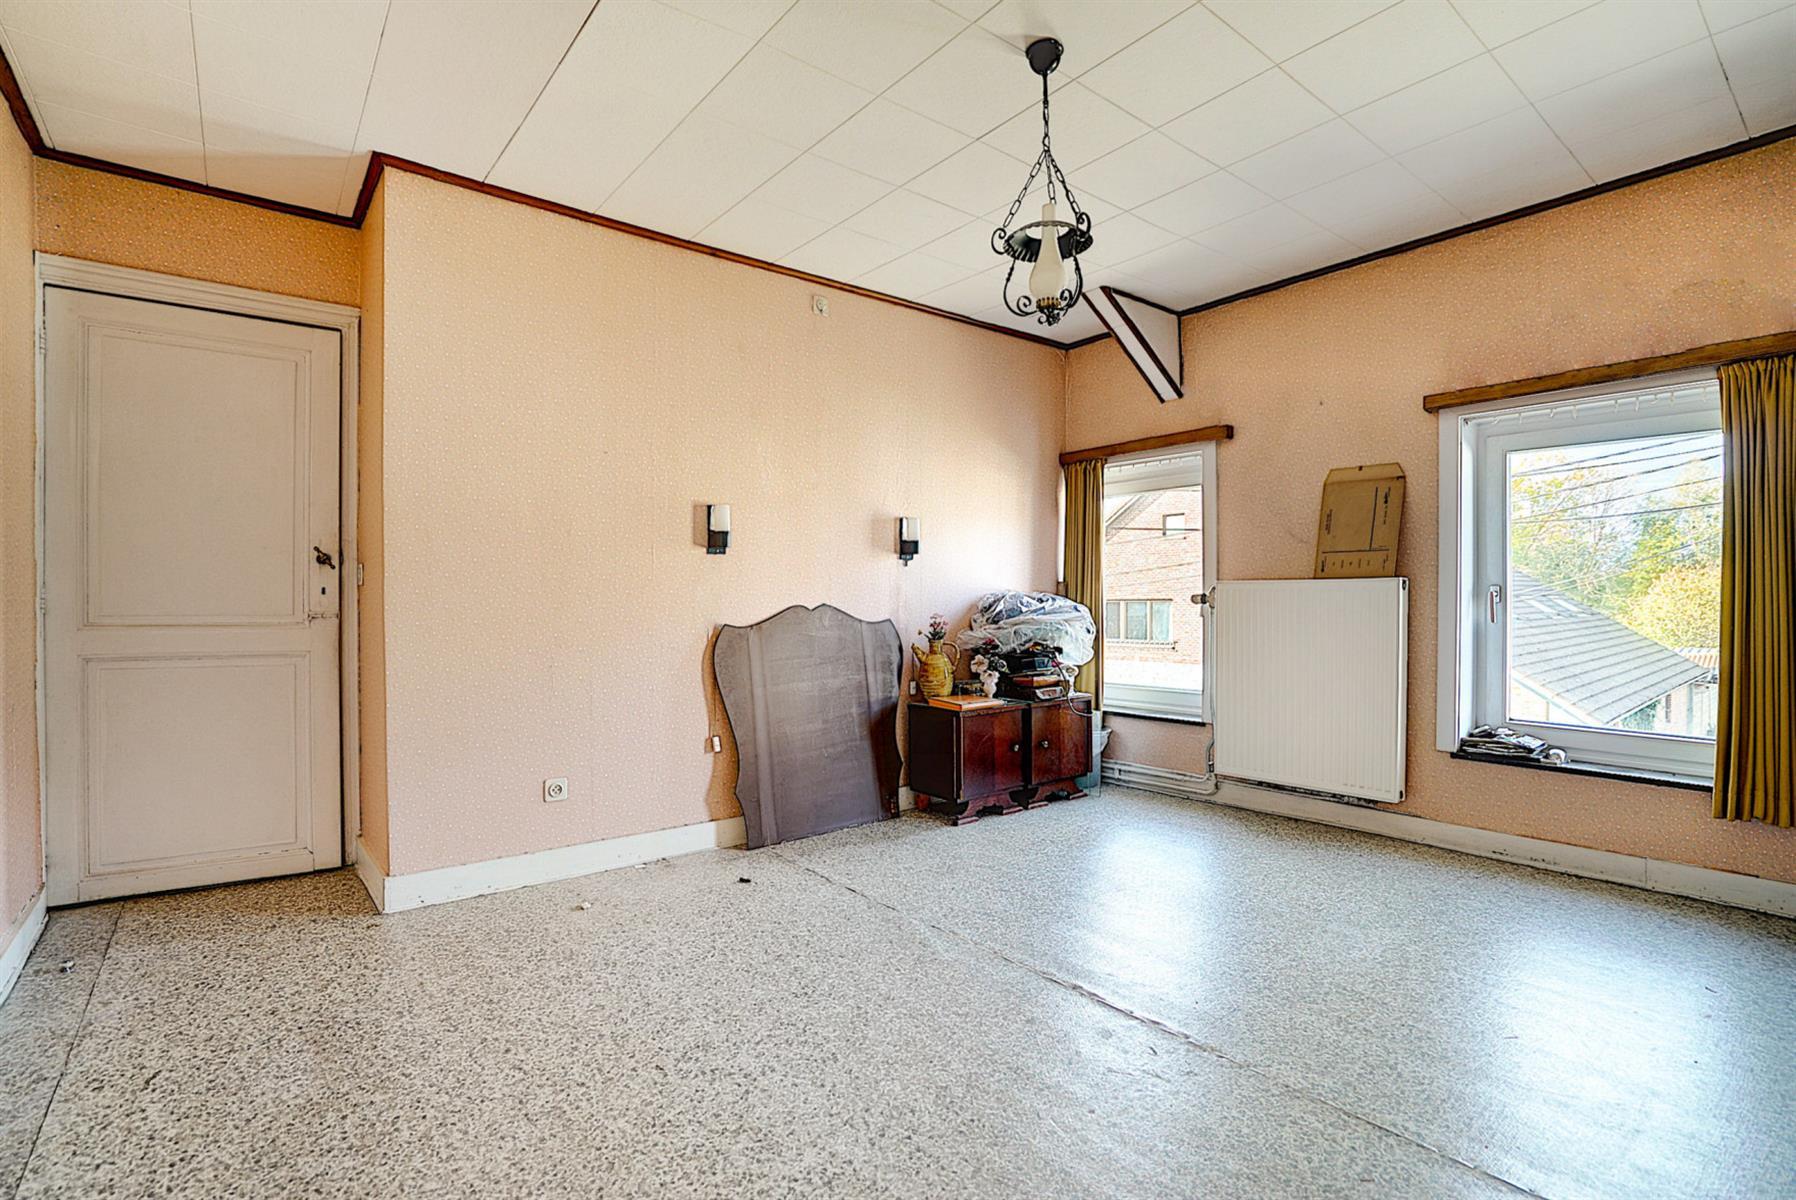 Maison de maître - Nil-saint-vincent-saint-martin - #4206773-14